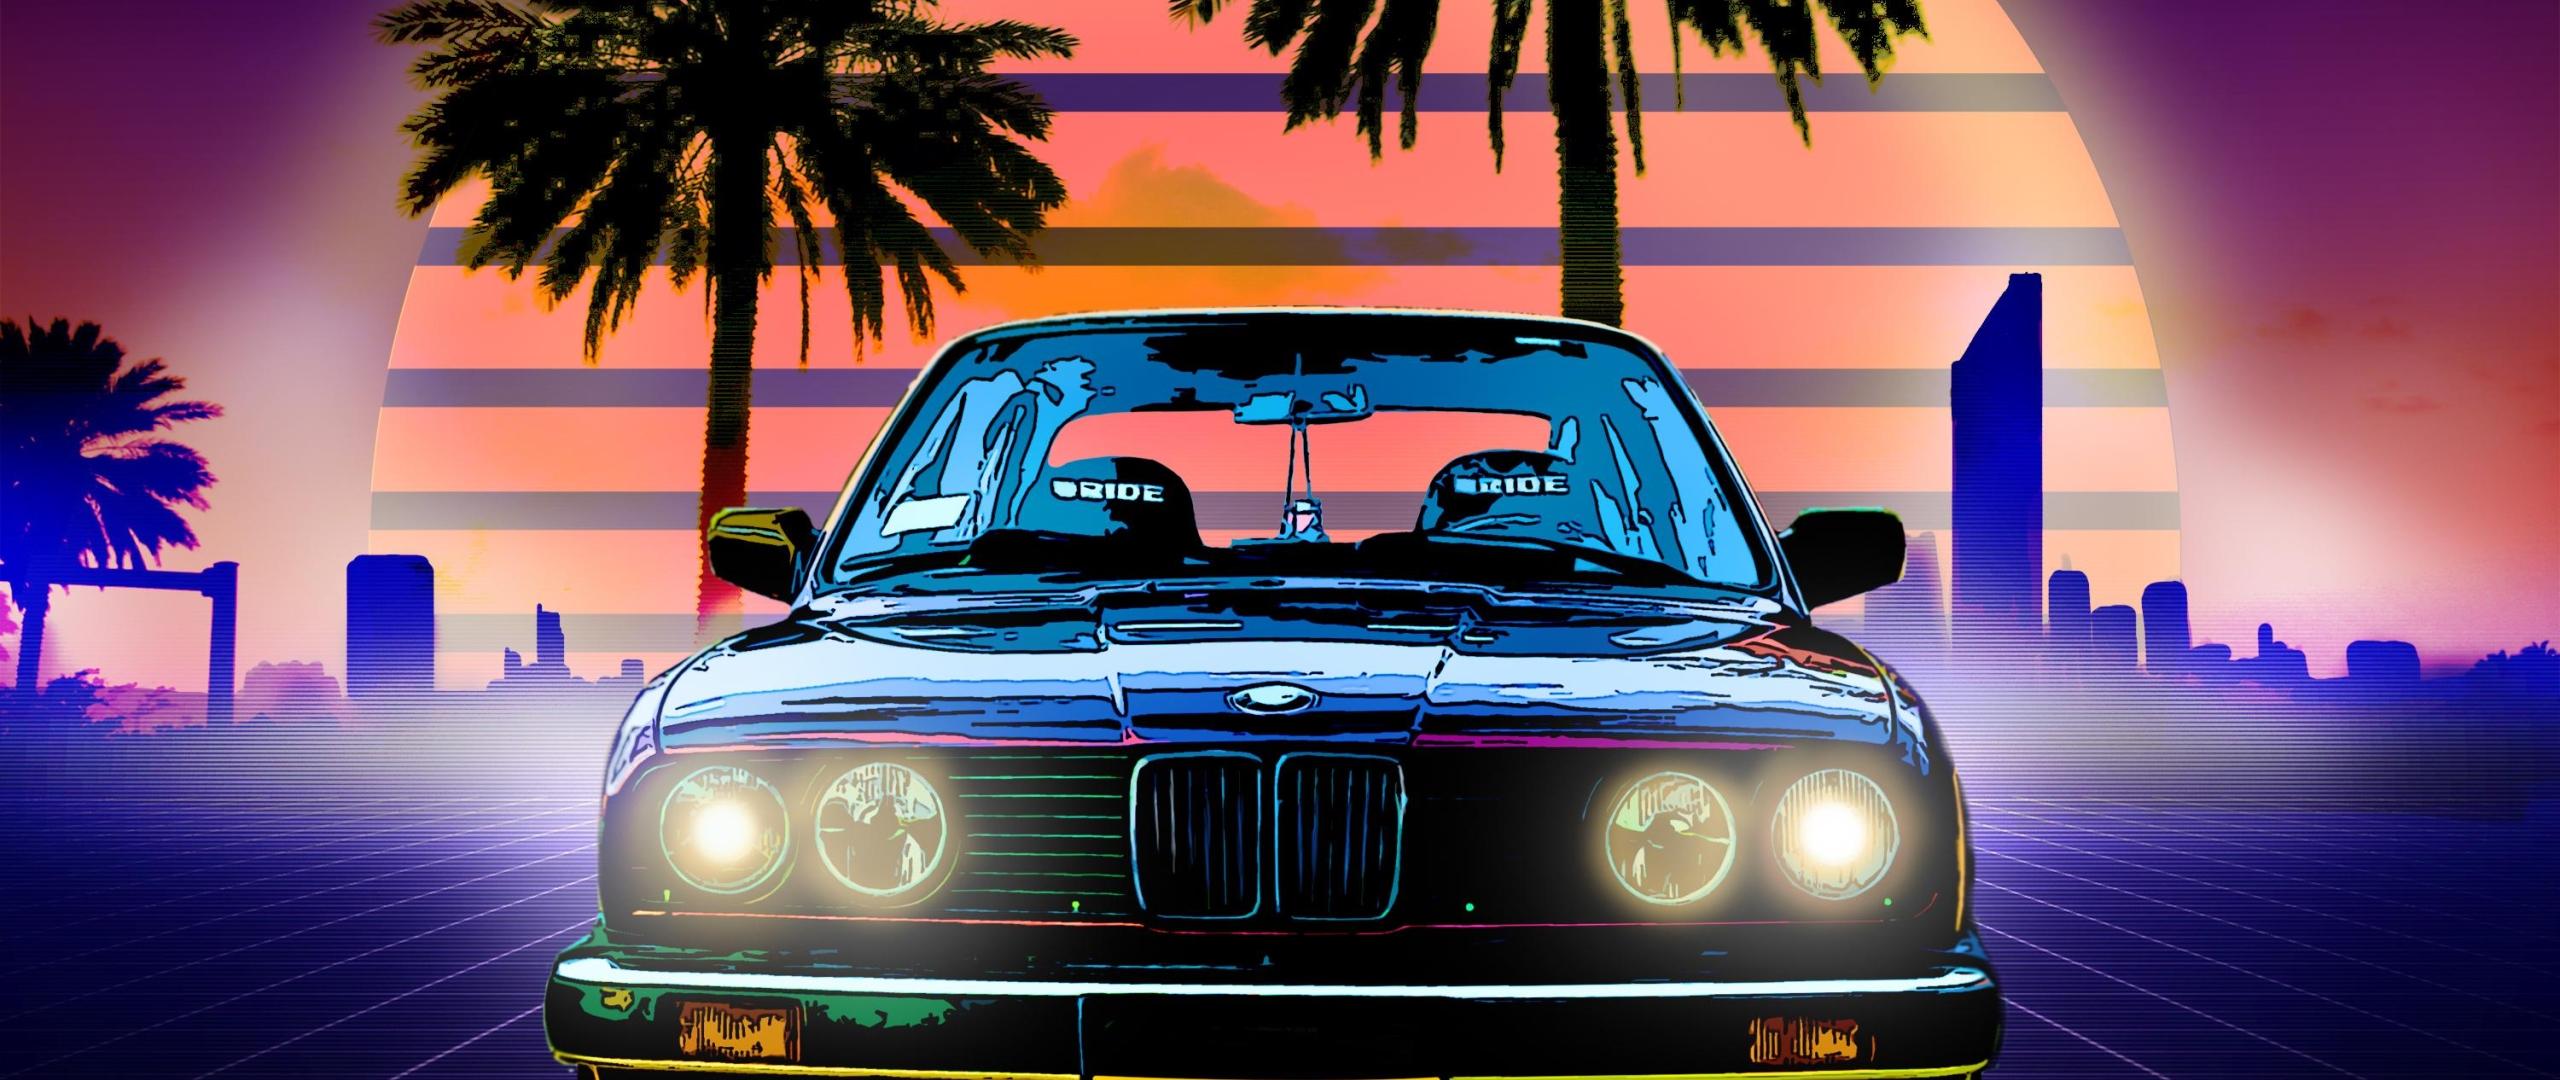 Bmw Retro Style Hd 4k Wallpaper